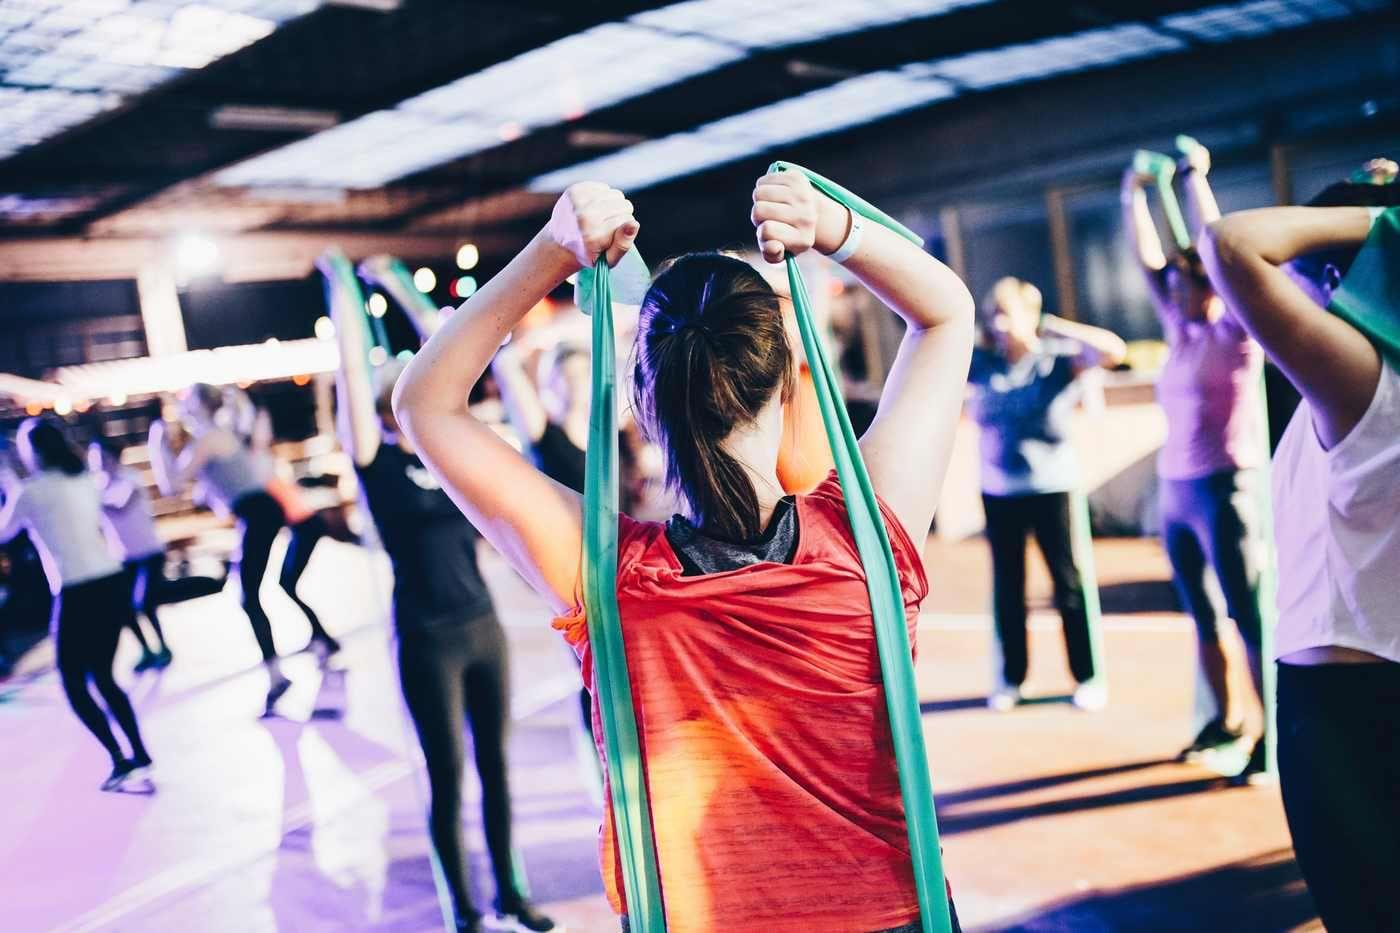 Antrenamentul cu greutăți - ce beneficii are pentru sănătate